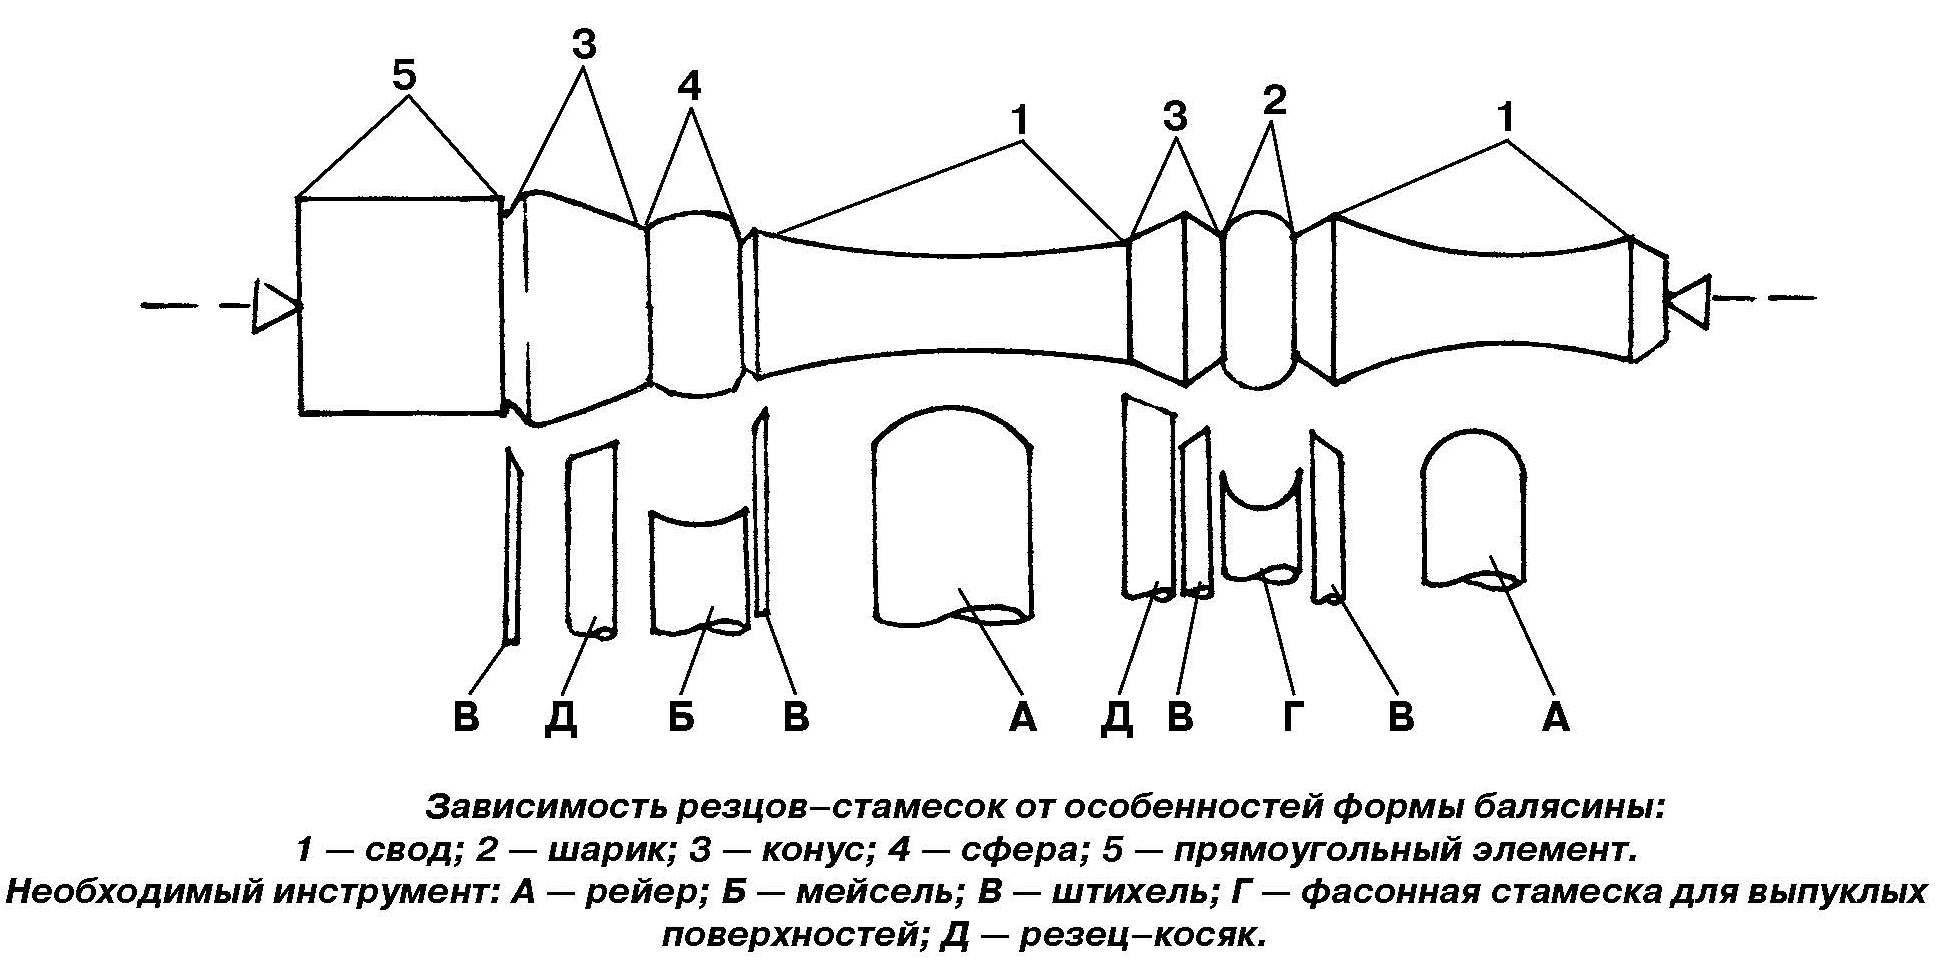 Балясины из дуба в Екатеринбурге от 115 рублей